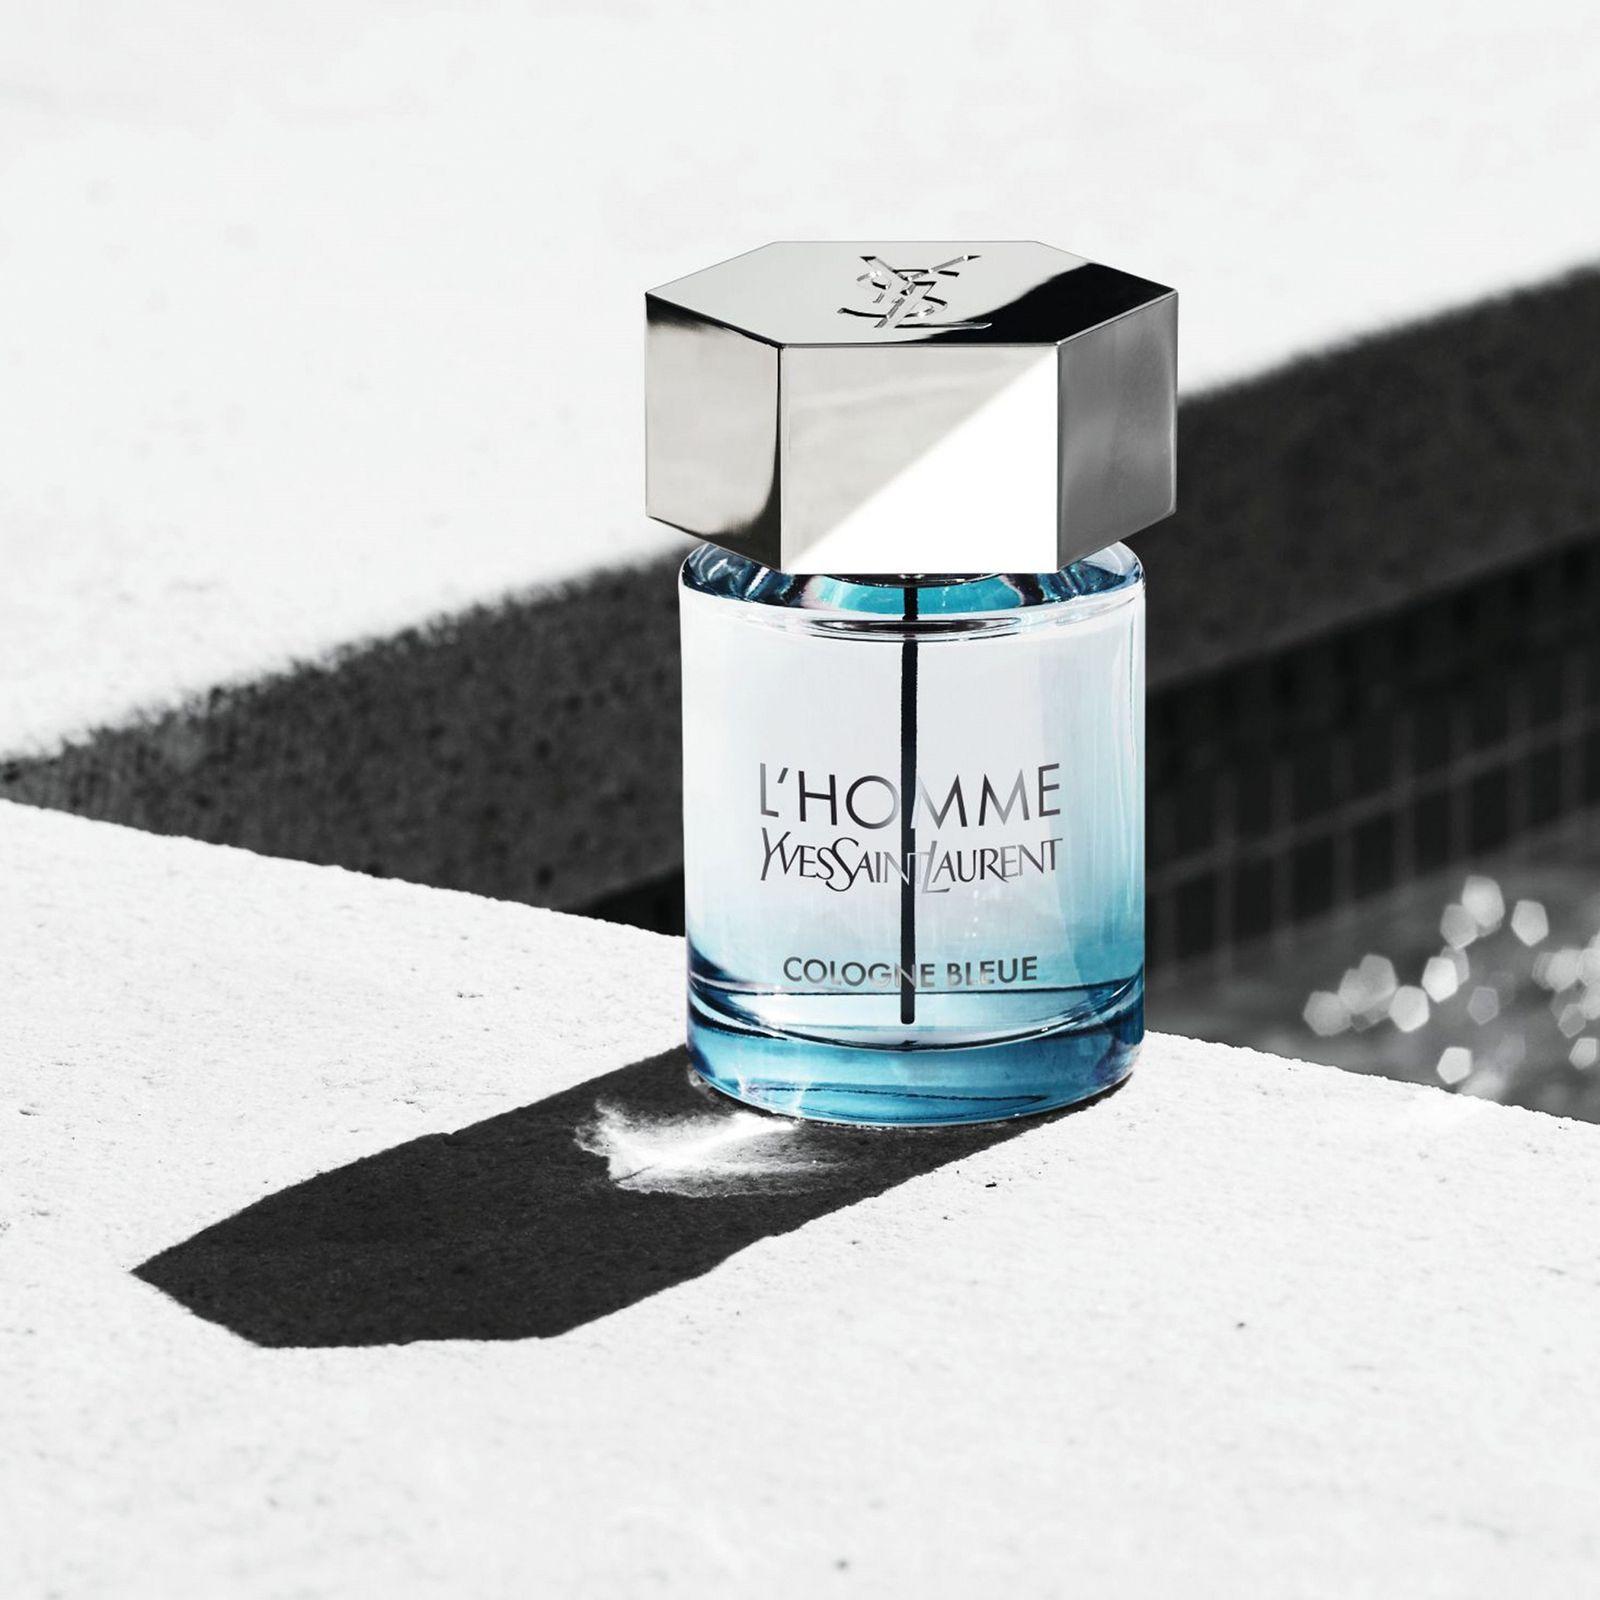 ادو تویلت مردانه ایو سن لوران مدل L'Homme Cologne Bleue حجم 100 میلی لیتر -  - 2